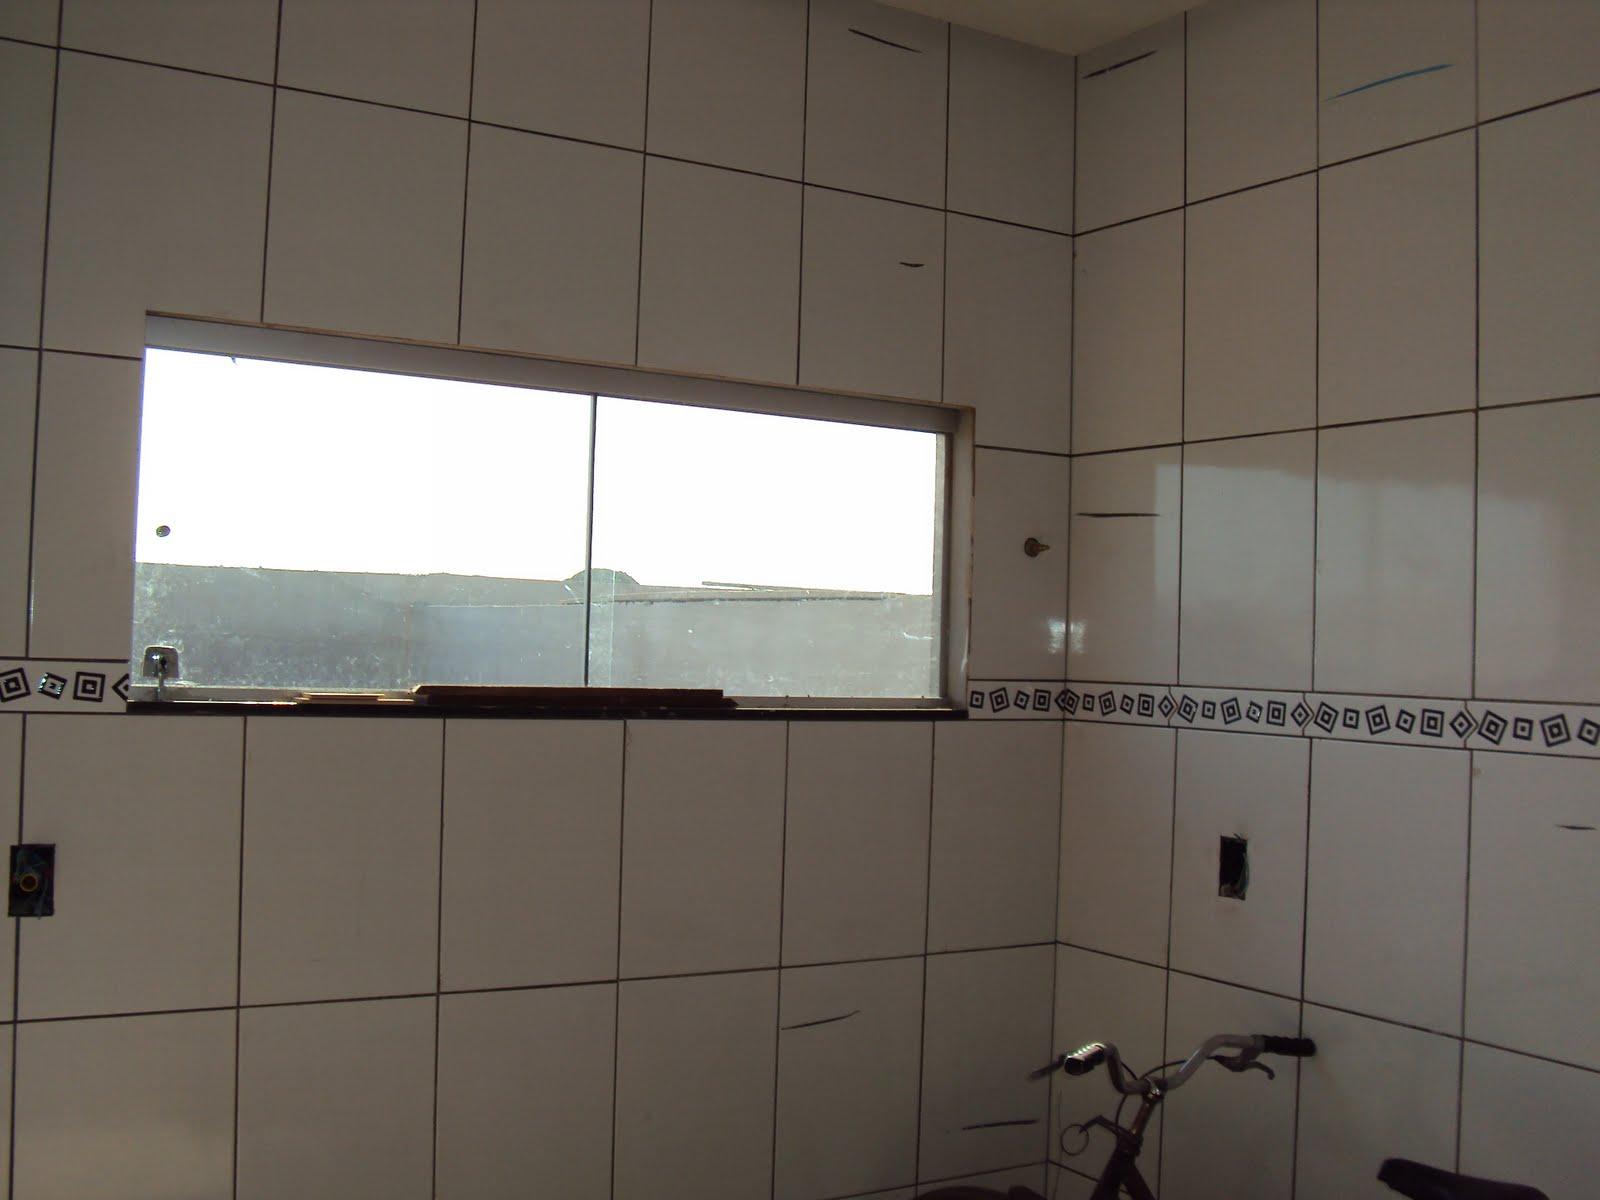 Essas fotos foram tiradas pelo meu noivo. Vou ver se consigo fotos  #453C34 1600x1200 Banheiro Com Piso Branco E Rejunte Preto